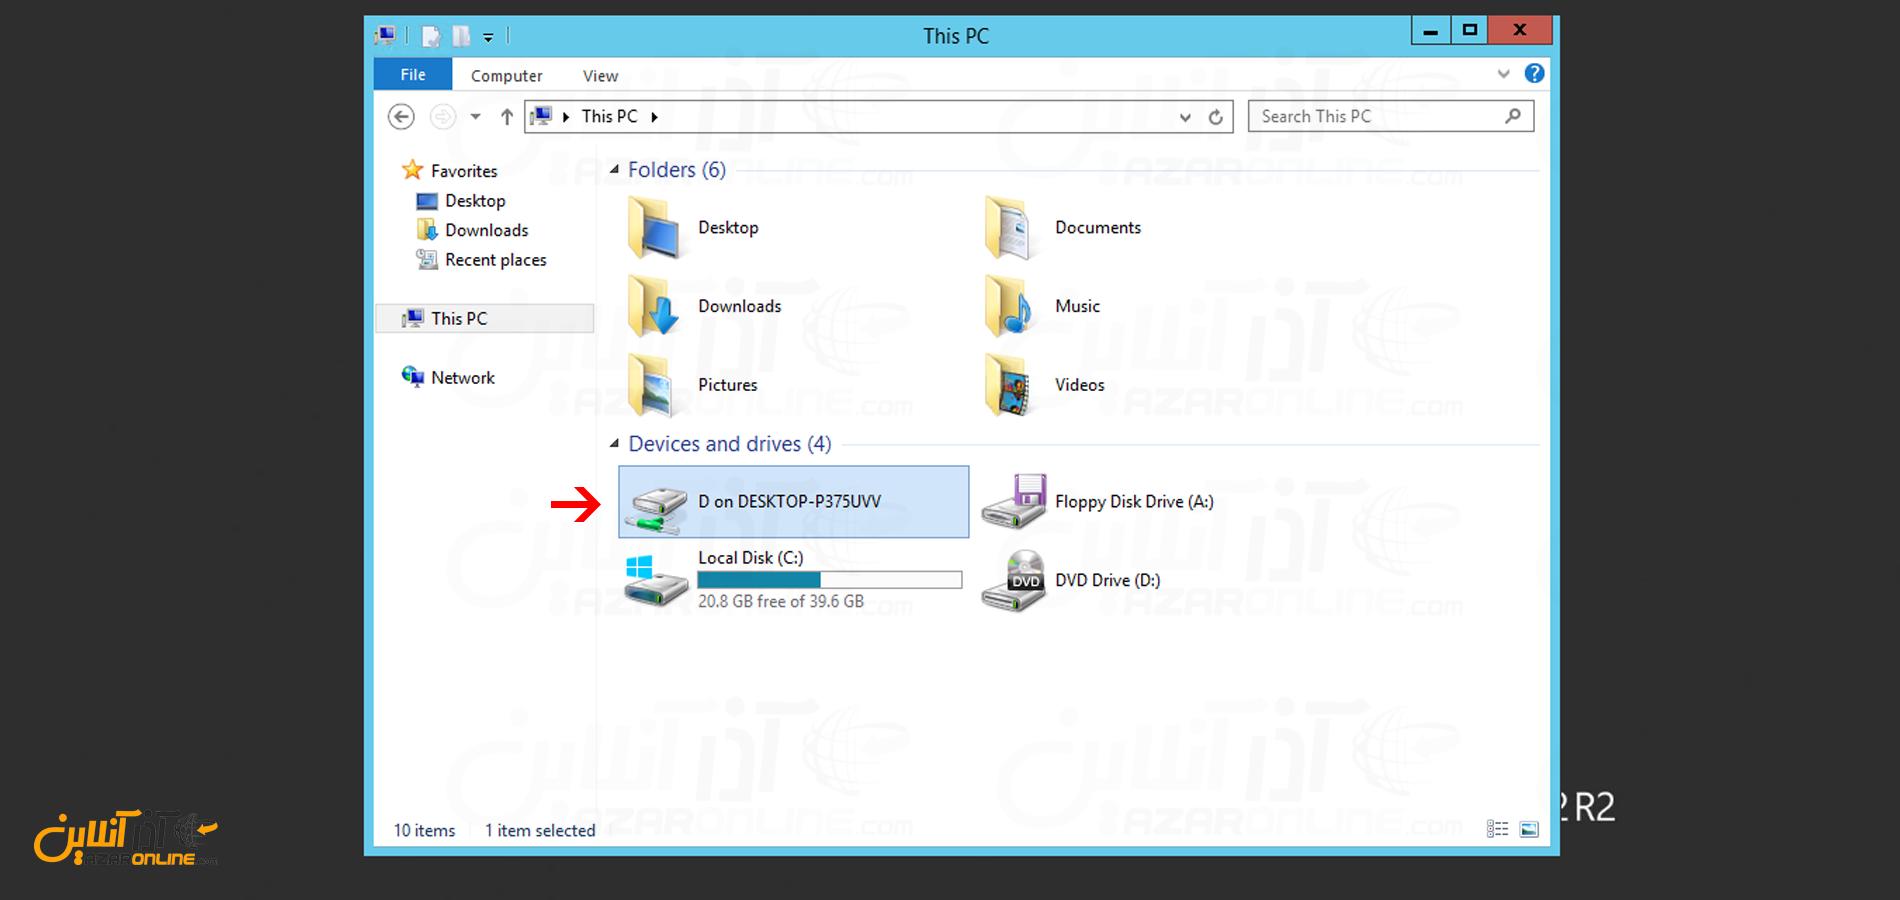 آموزش انتقال فایل از وی پی اس به کامپیوتر و بالعکس - اضافه شدن درایو به وی پی اس